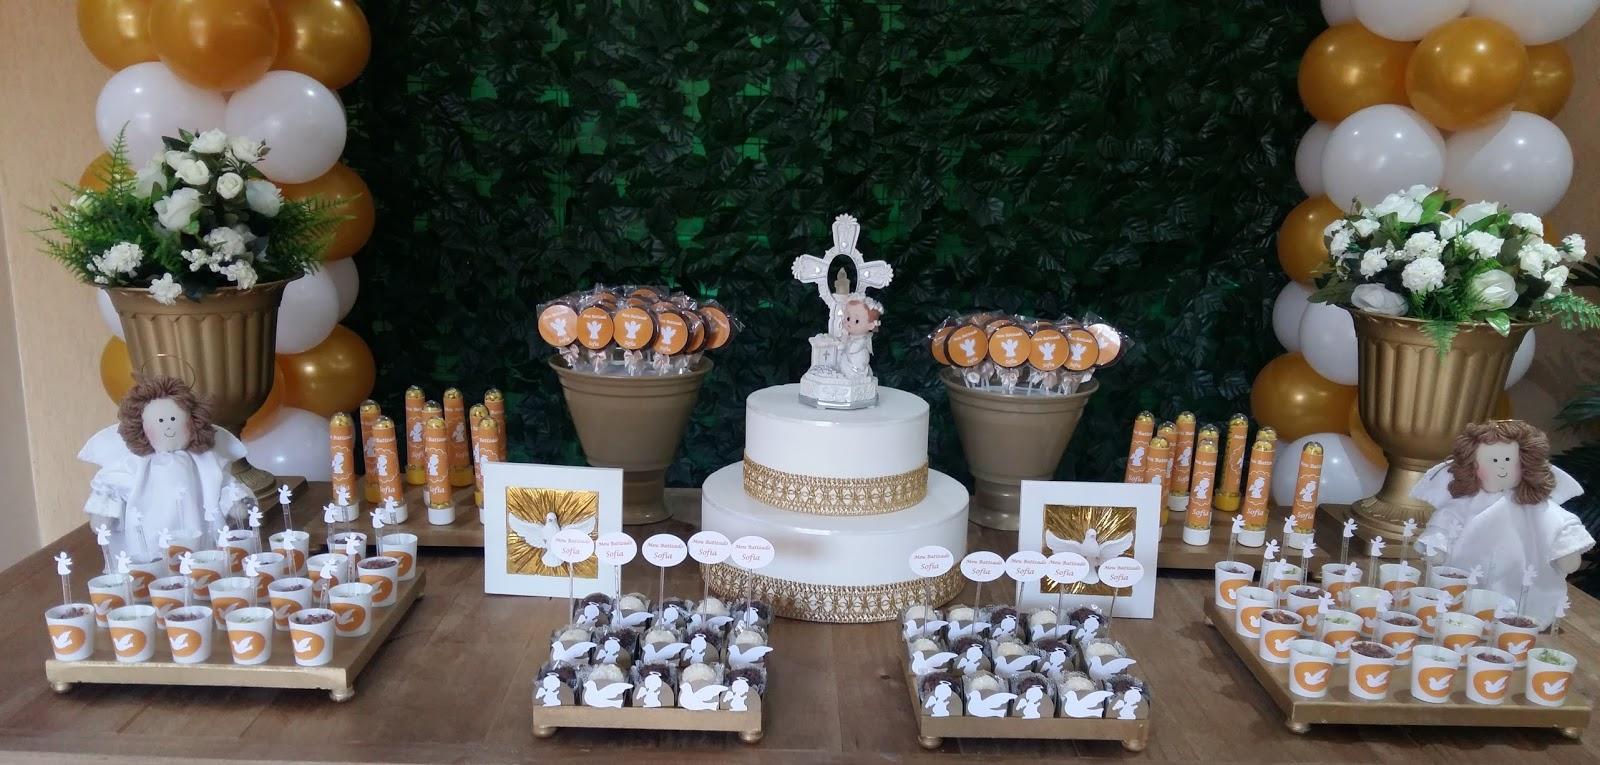 Cau Rí Eventos Decoraç u00e3o Rústica Batizado Branco e Dourado -> Decoracao De Batizado Branco Com Dourado